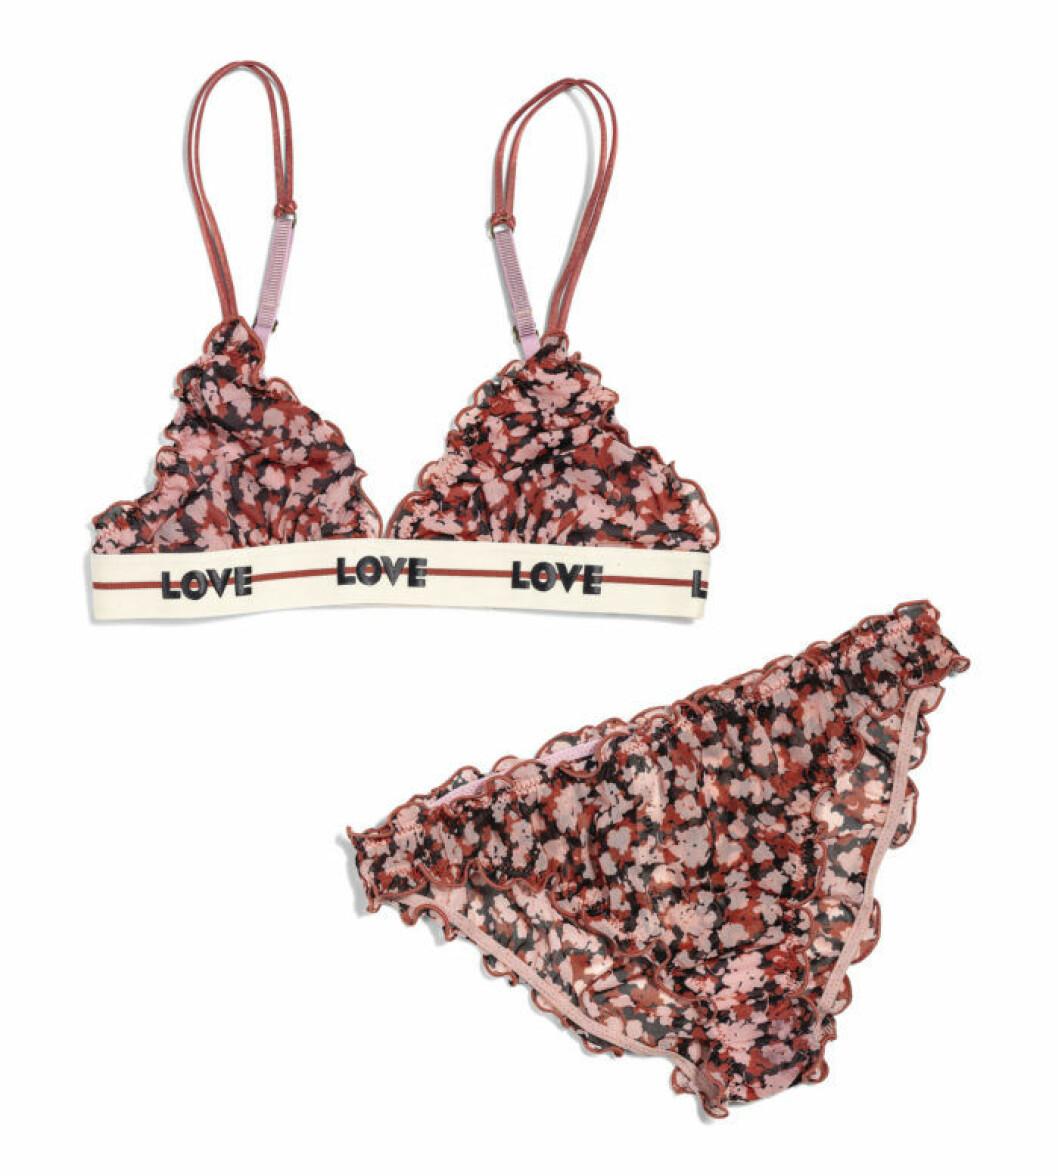 H&M x Love Stories blommigt underklädesset